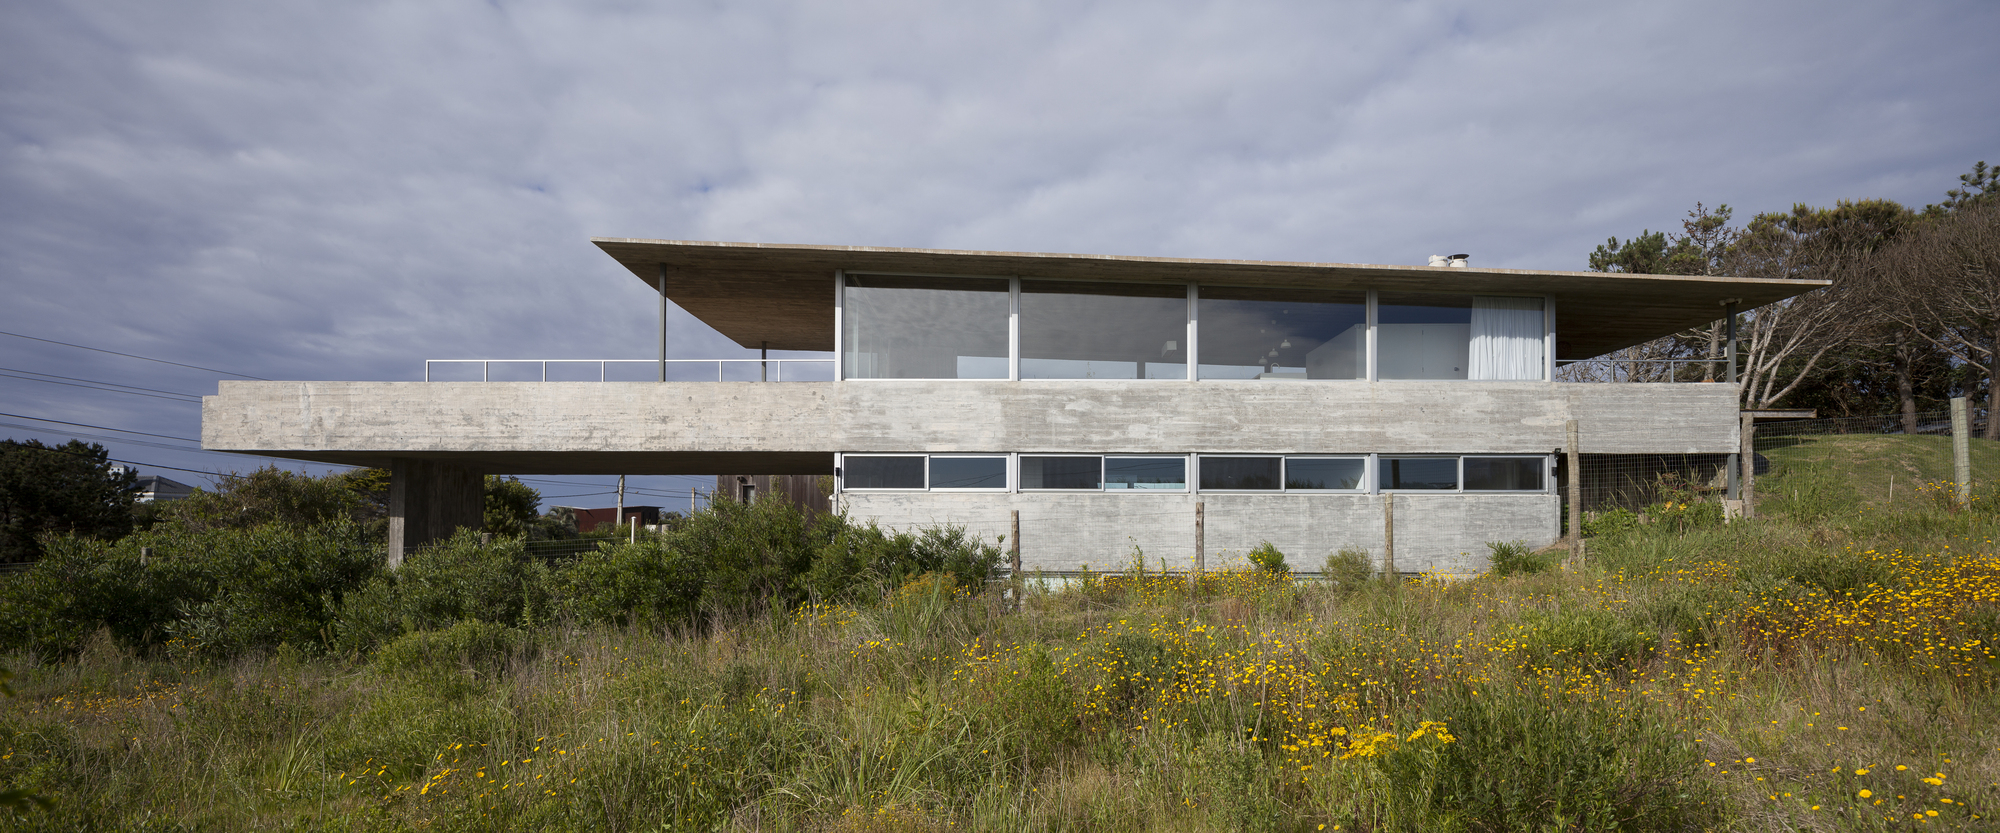 Nabuco House / Estudio Pablo Gagliardo